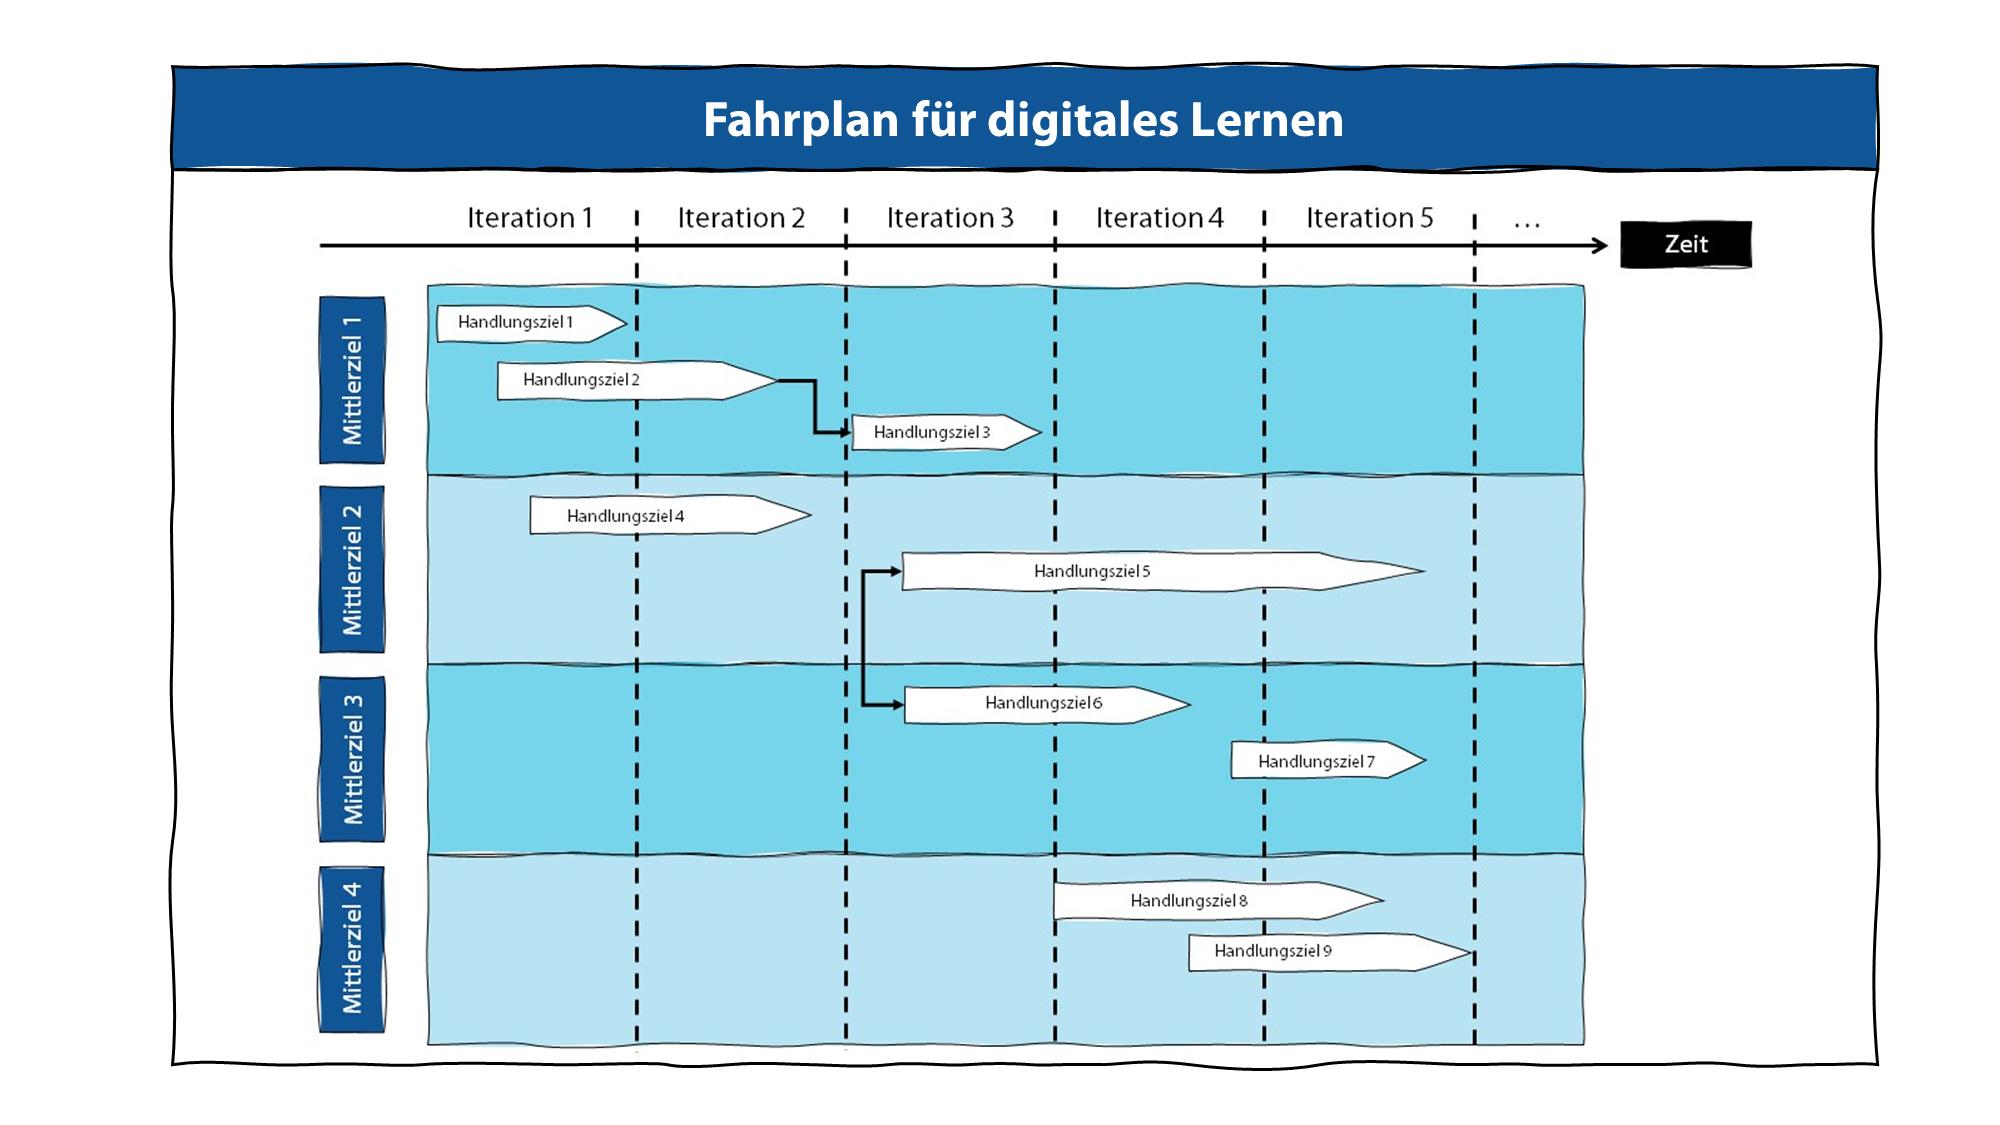 """Schritt 8: Zum fachlichen Abschluss stellt der LoDiLe das Artefakt """"Fahrplan für digitales Lernen"""" vor."""